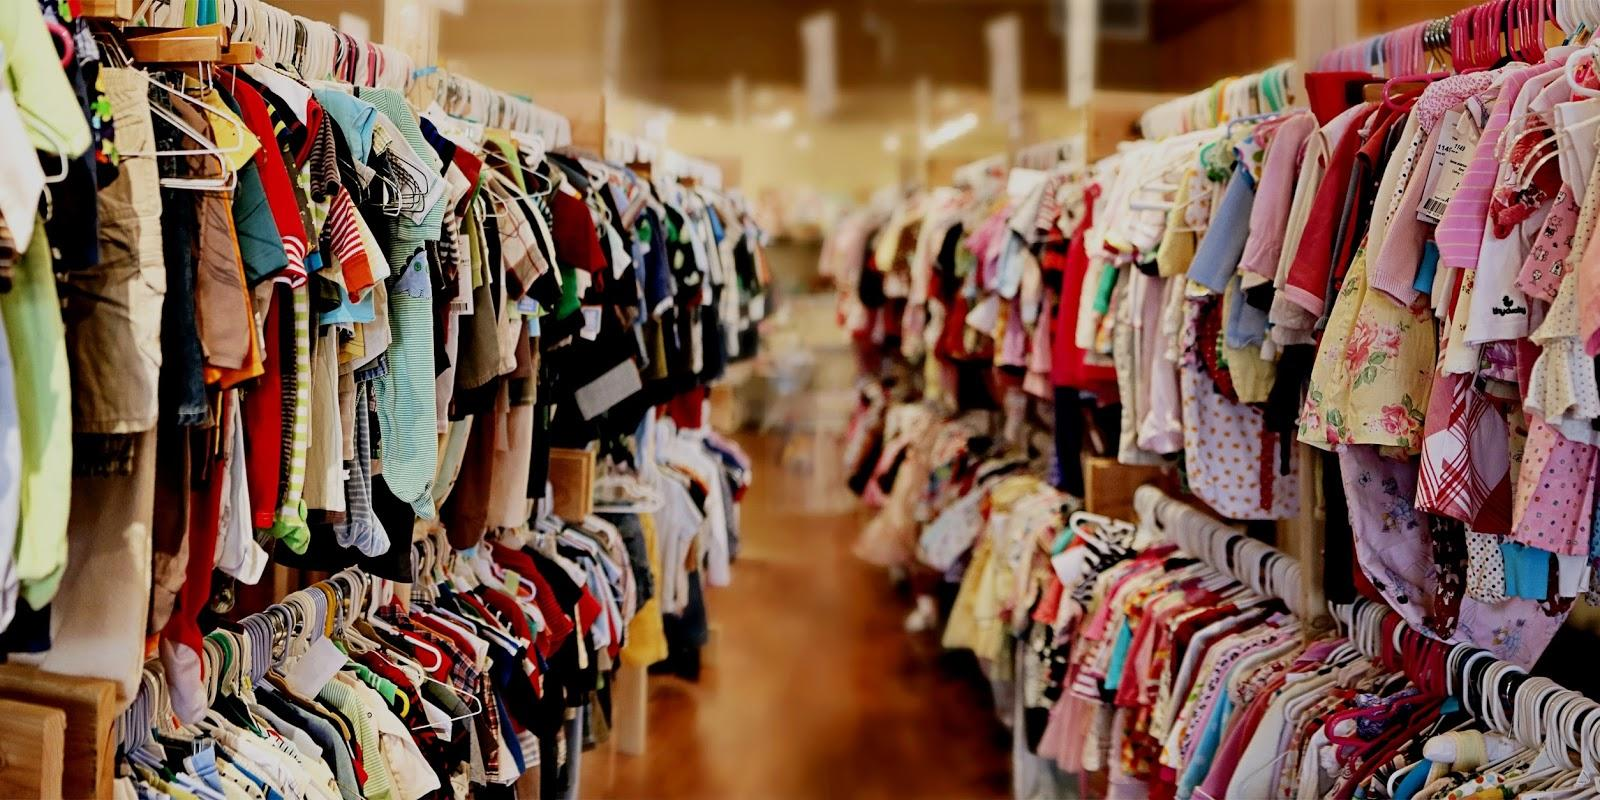 Hình ảnh nguồn hàng Chiến lược kinh doanh online quần áo may sẵn bạn cần biết giá sỉ quảng châu taobao 1688 trung quốc về TpHCM